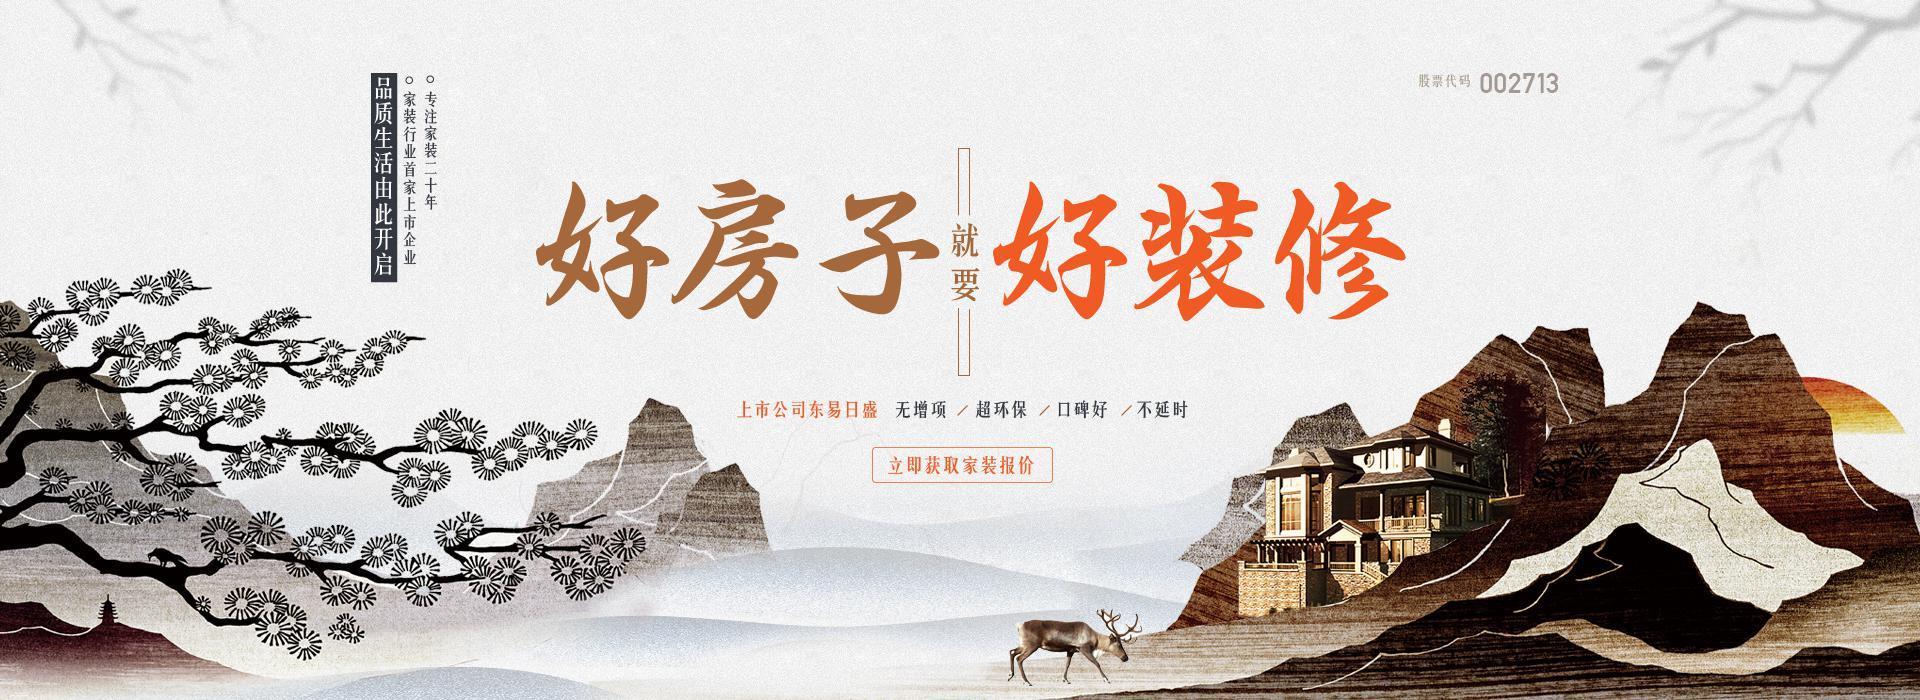 杭州东易日盛 好房子 好装修